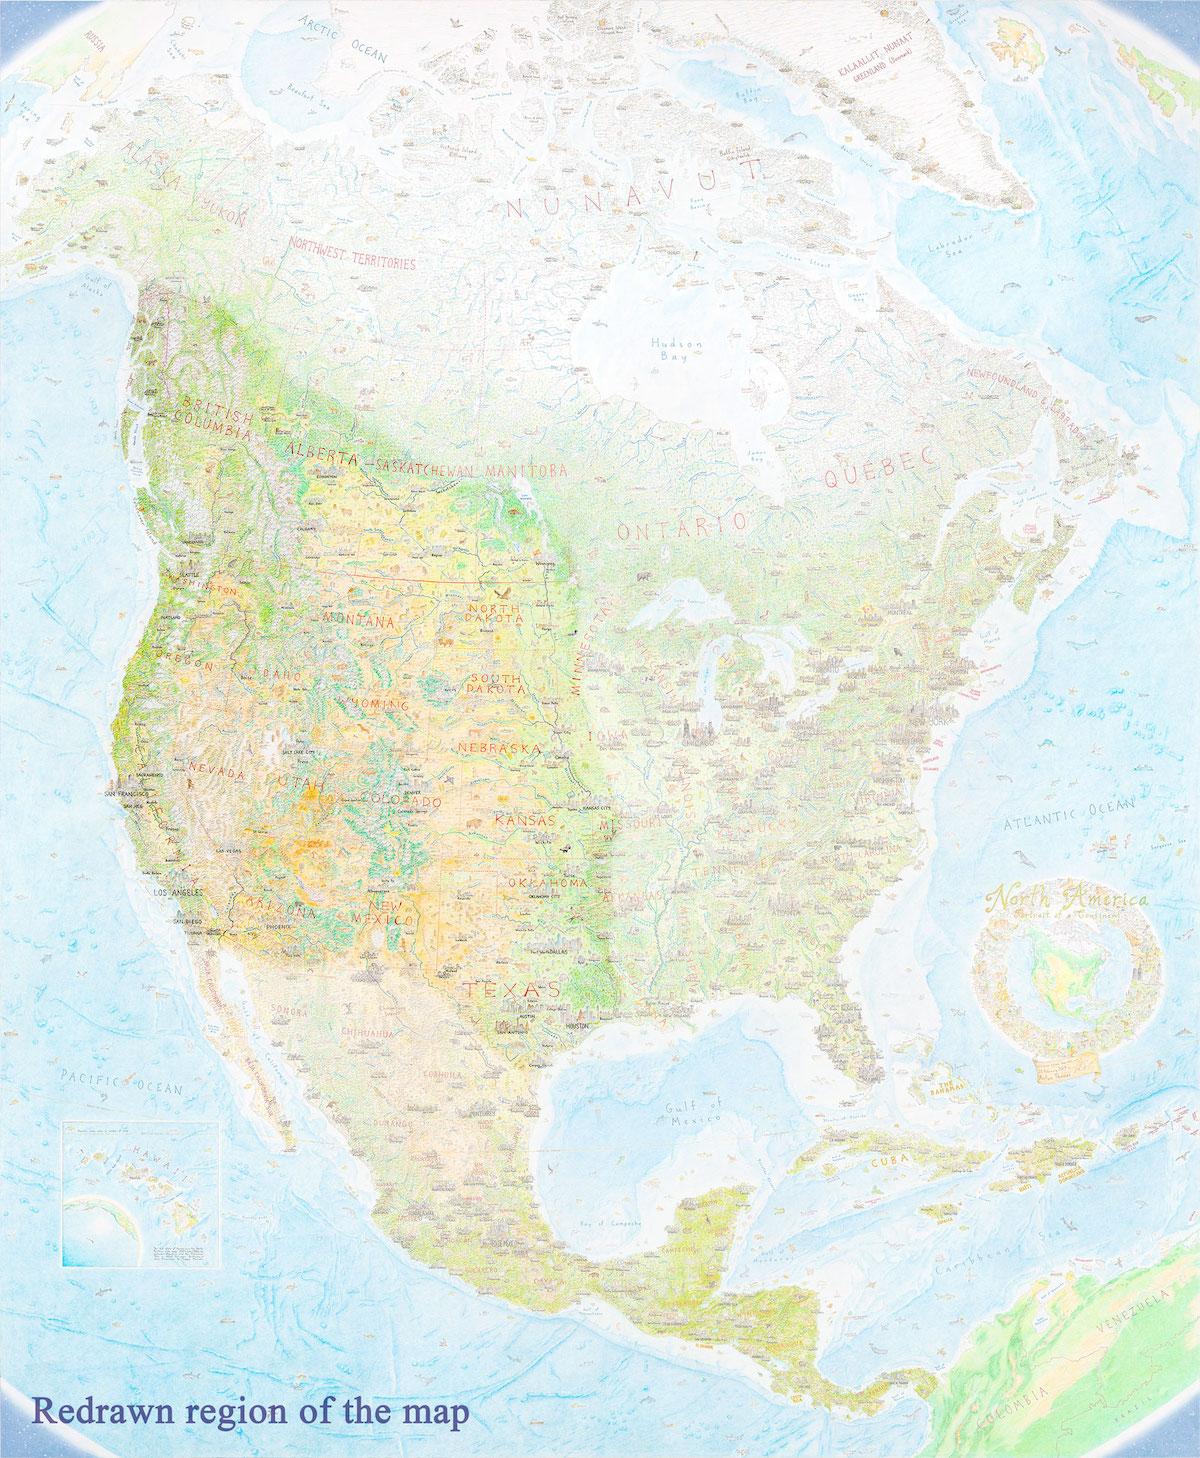 Anton Thomas Mapa dibujado